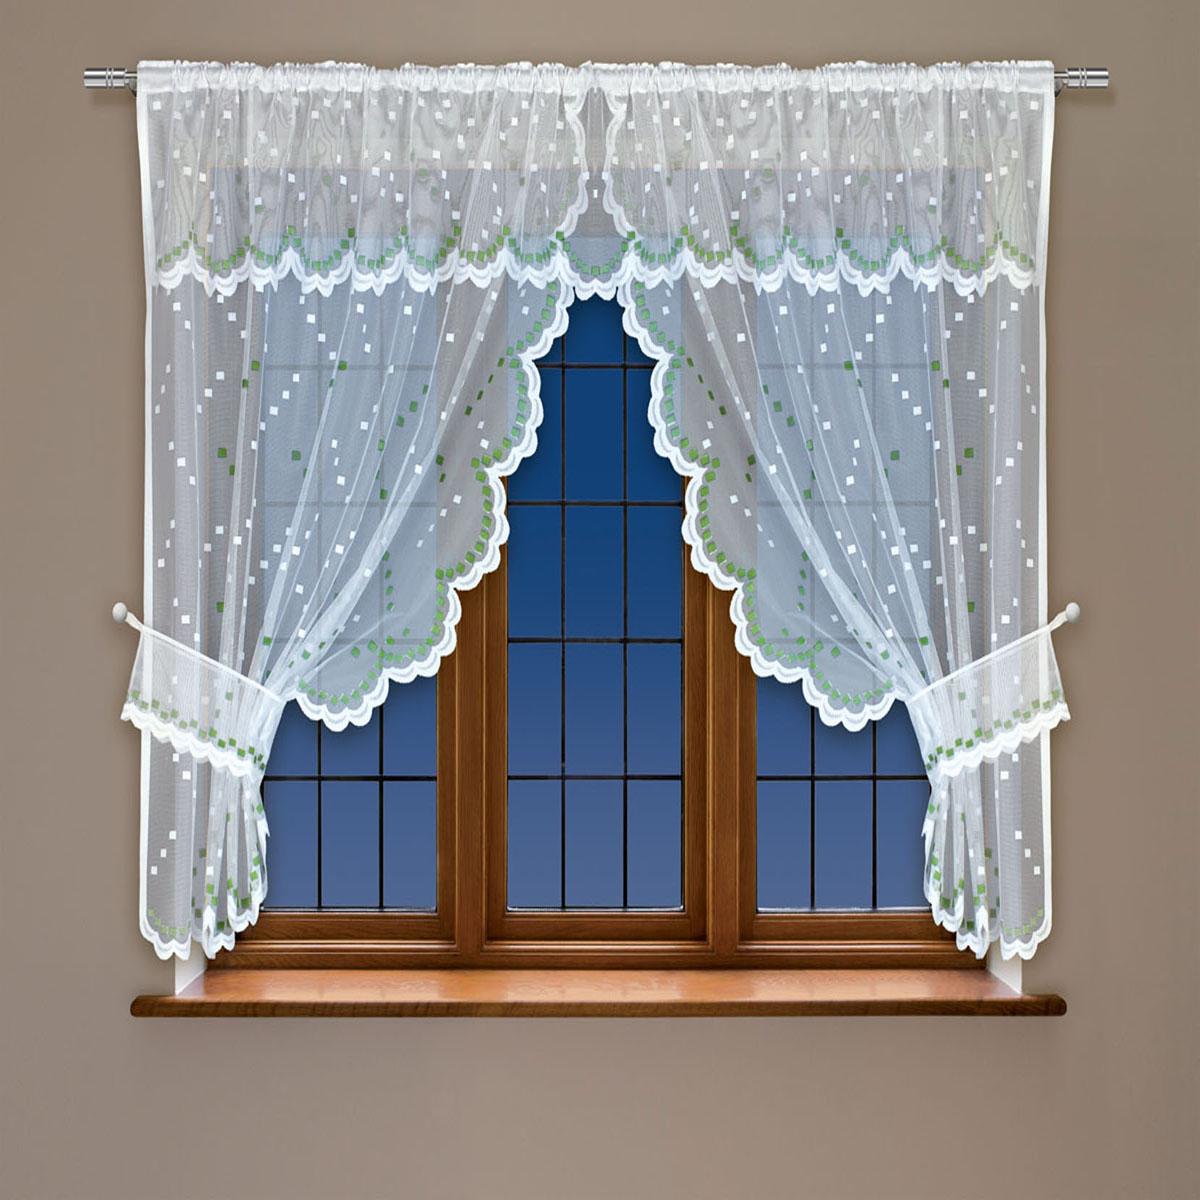 Гардина Haft, на кулиске, цвет: белый, зеленый, высота 122 см. 228410CLP446Воздушная гардина Haft, выполненная из полиэстера, великолепно украсит любое окно.Изделие имеет оригинальный дизайн и органично впишется в интерьер помещения.Гардина крепится на карниз при помощи кулиски.